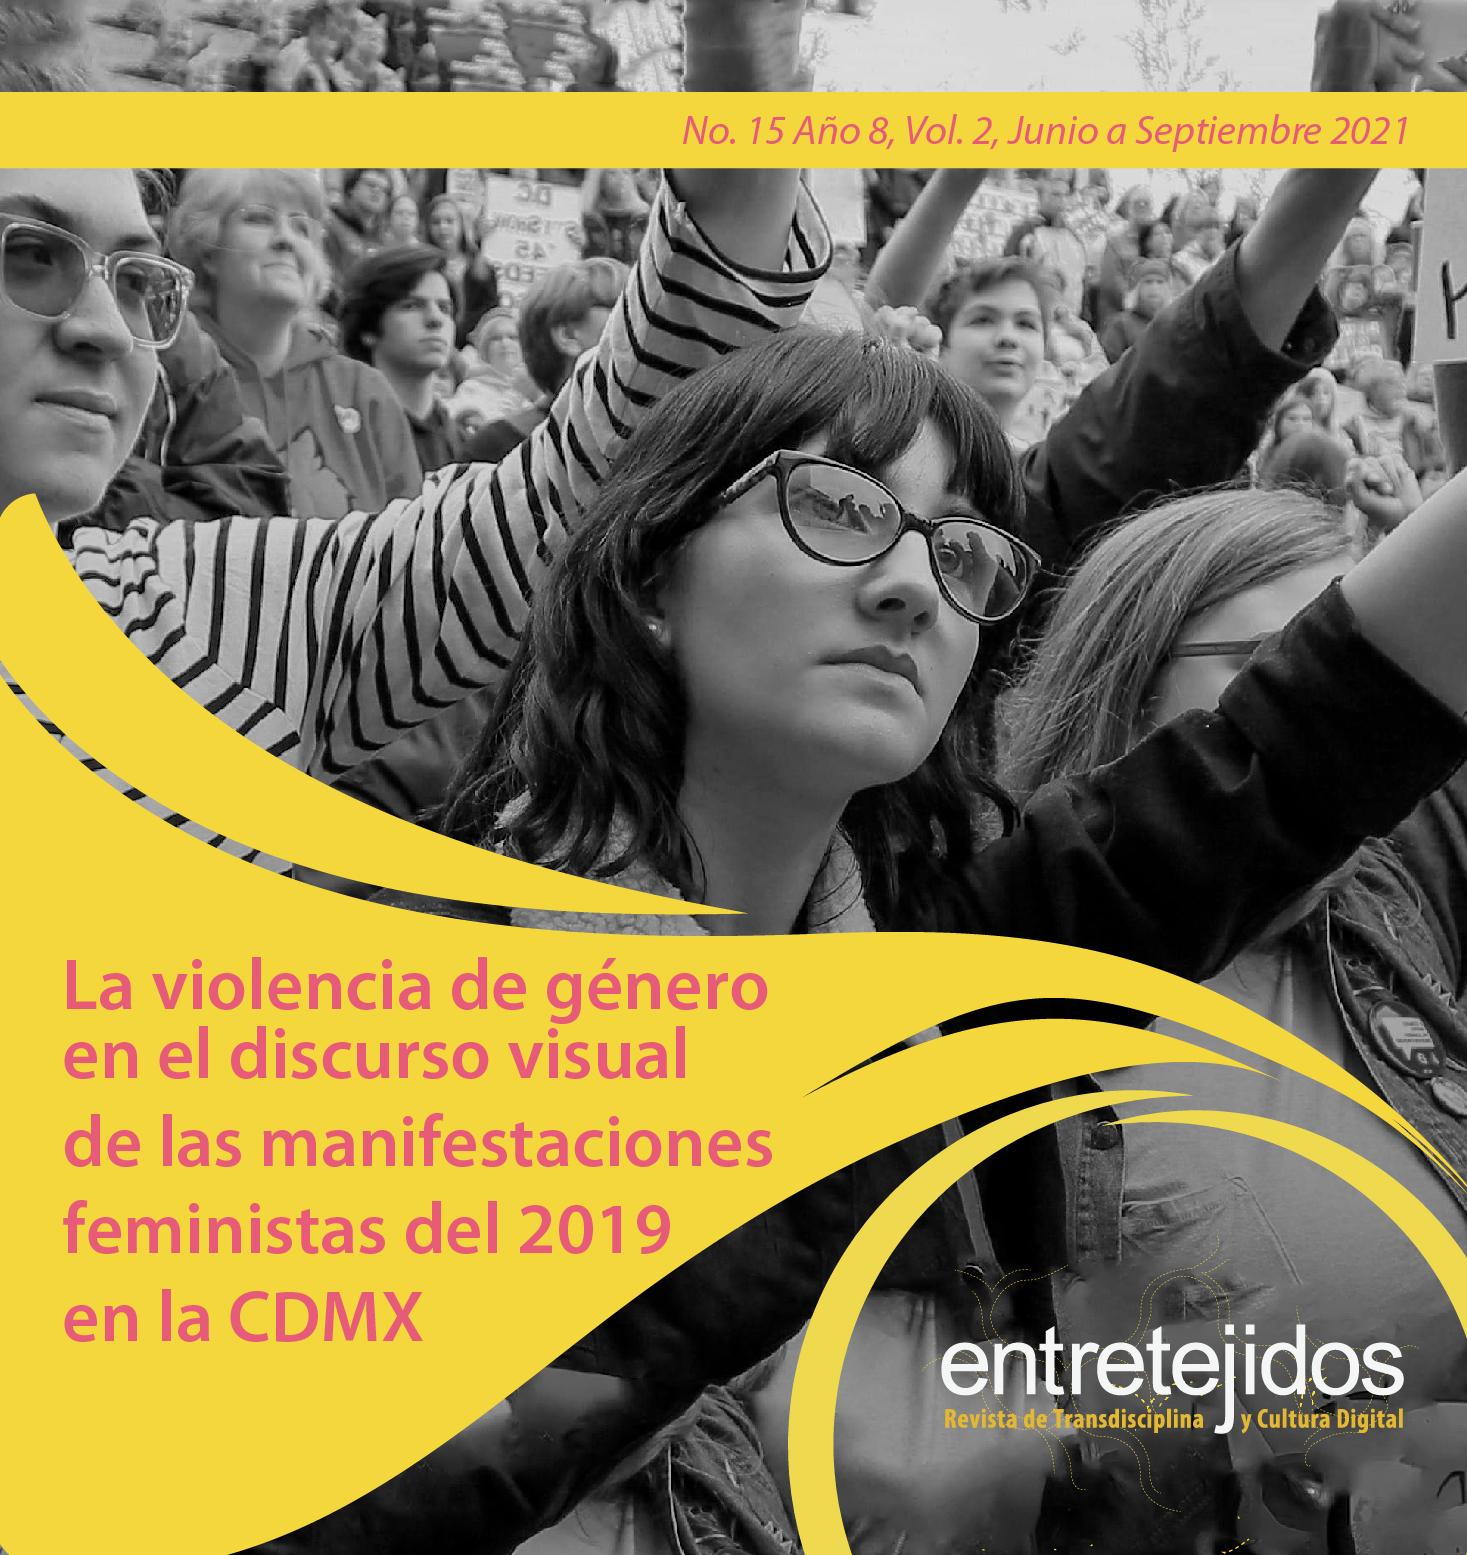 La violencia de género en el discurso visual de las manifestaciones feministas del 2019 en la CDMX